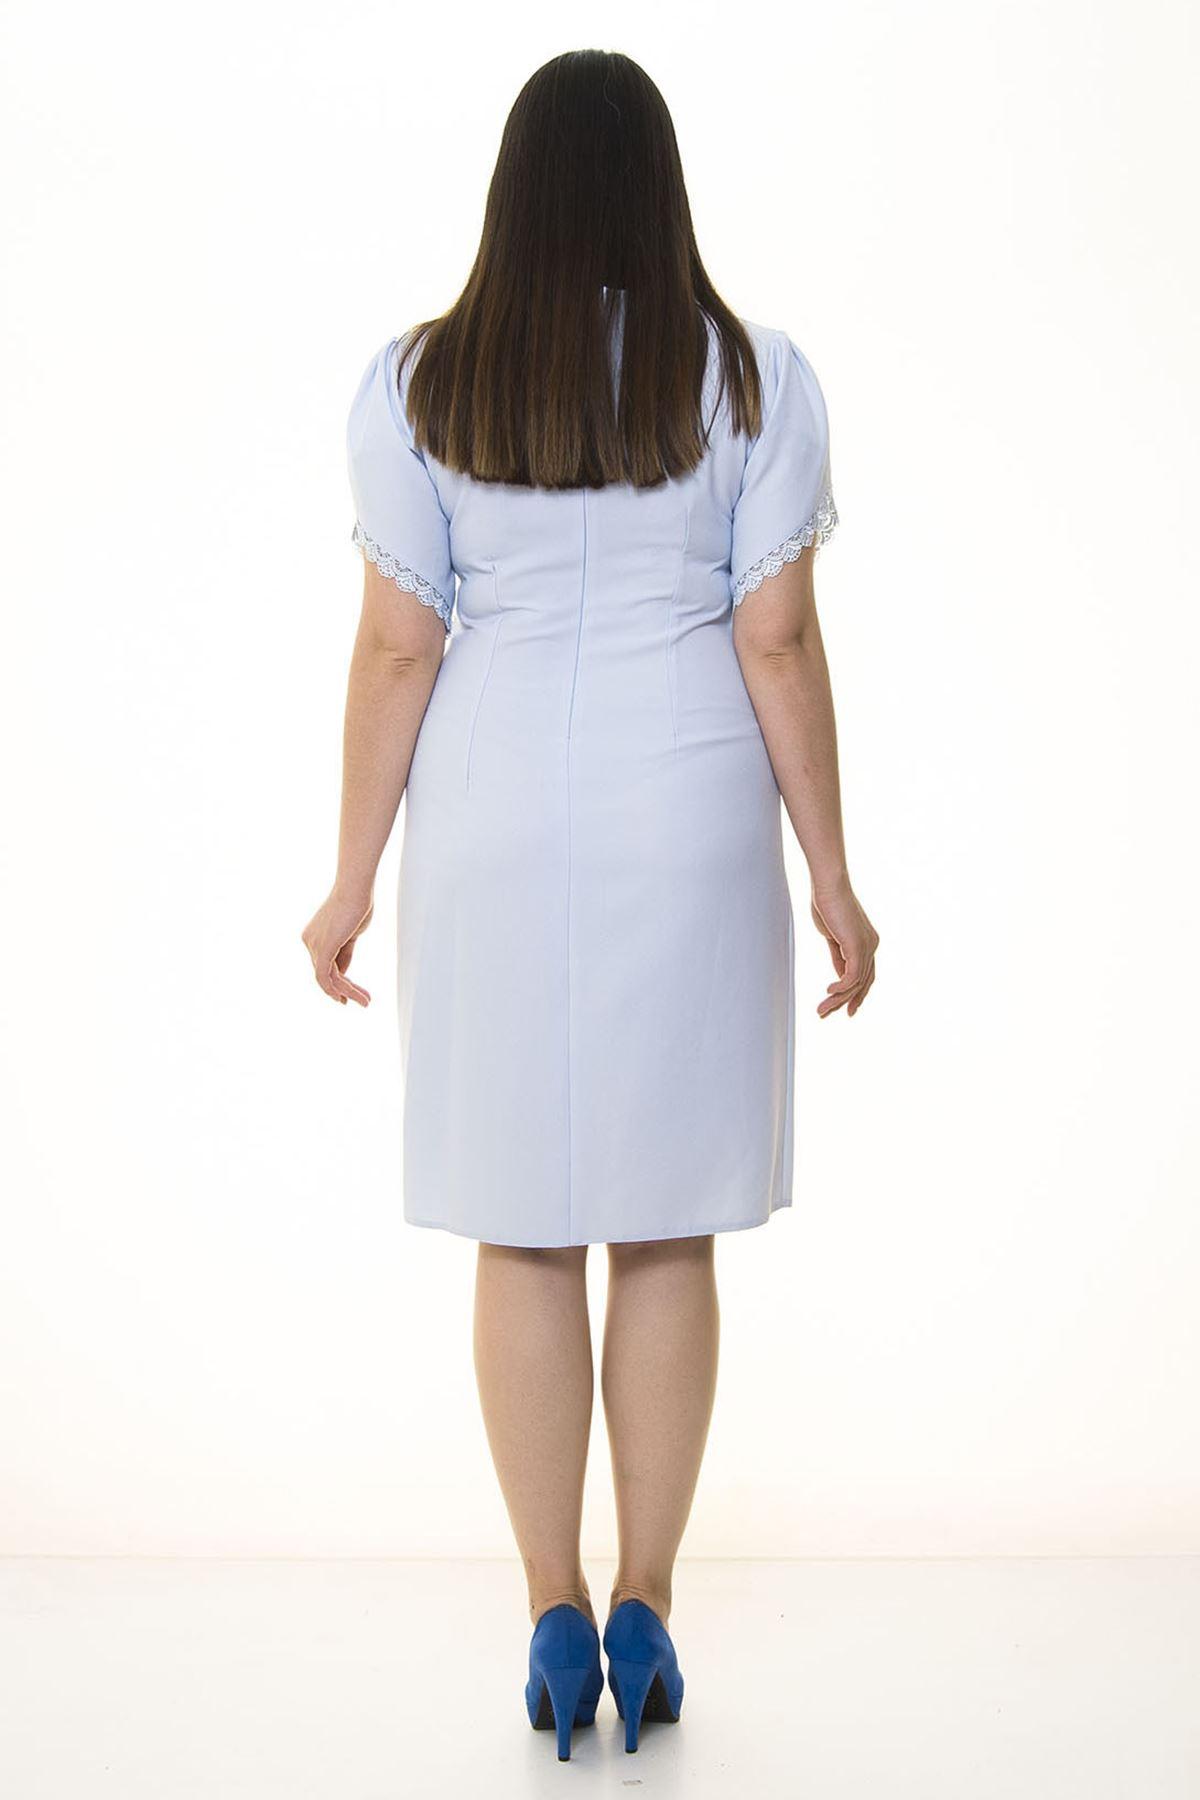 Kolları Fistolu Mavi Büyük Beden Elbise 27C-1326